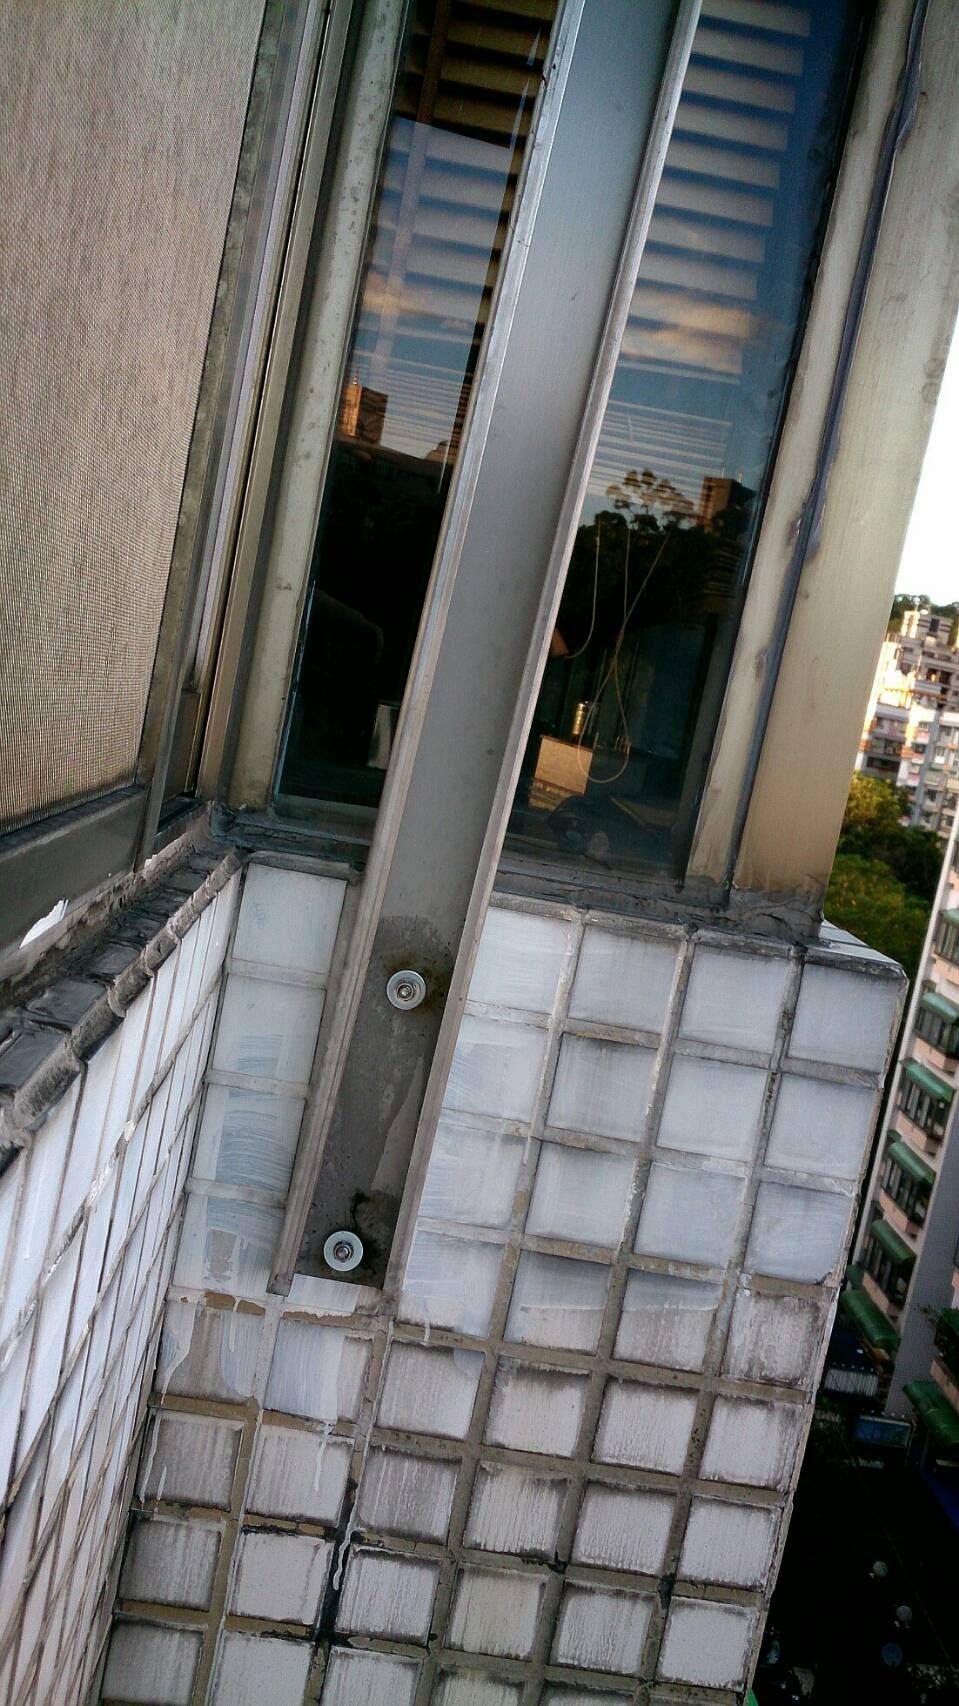 裝兩根支架訂在外牆上